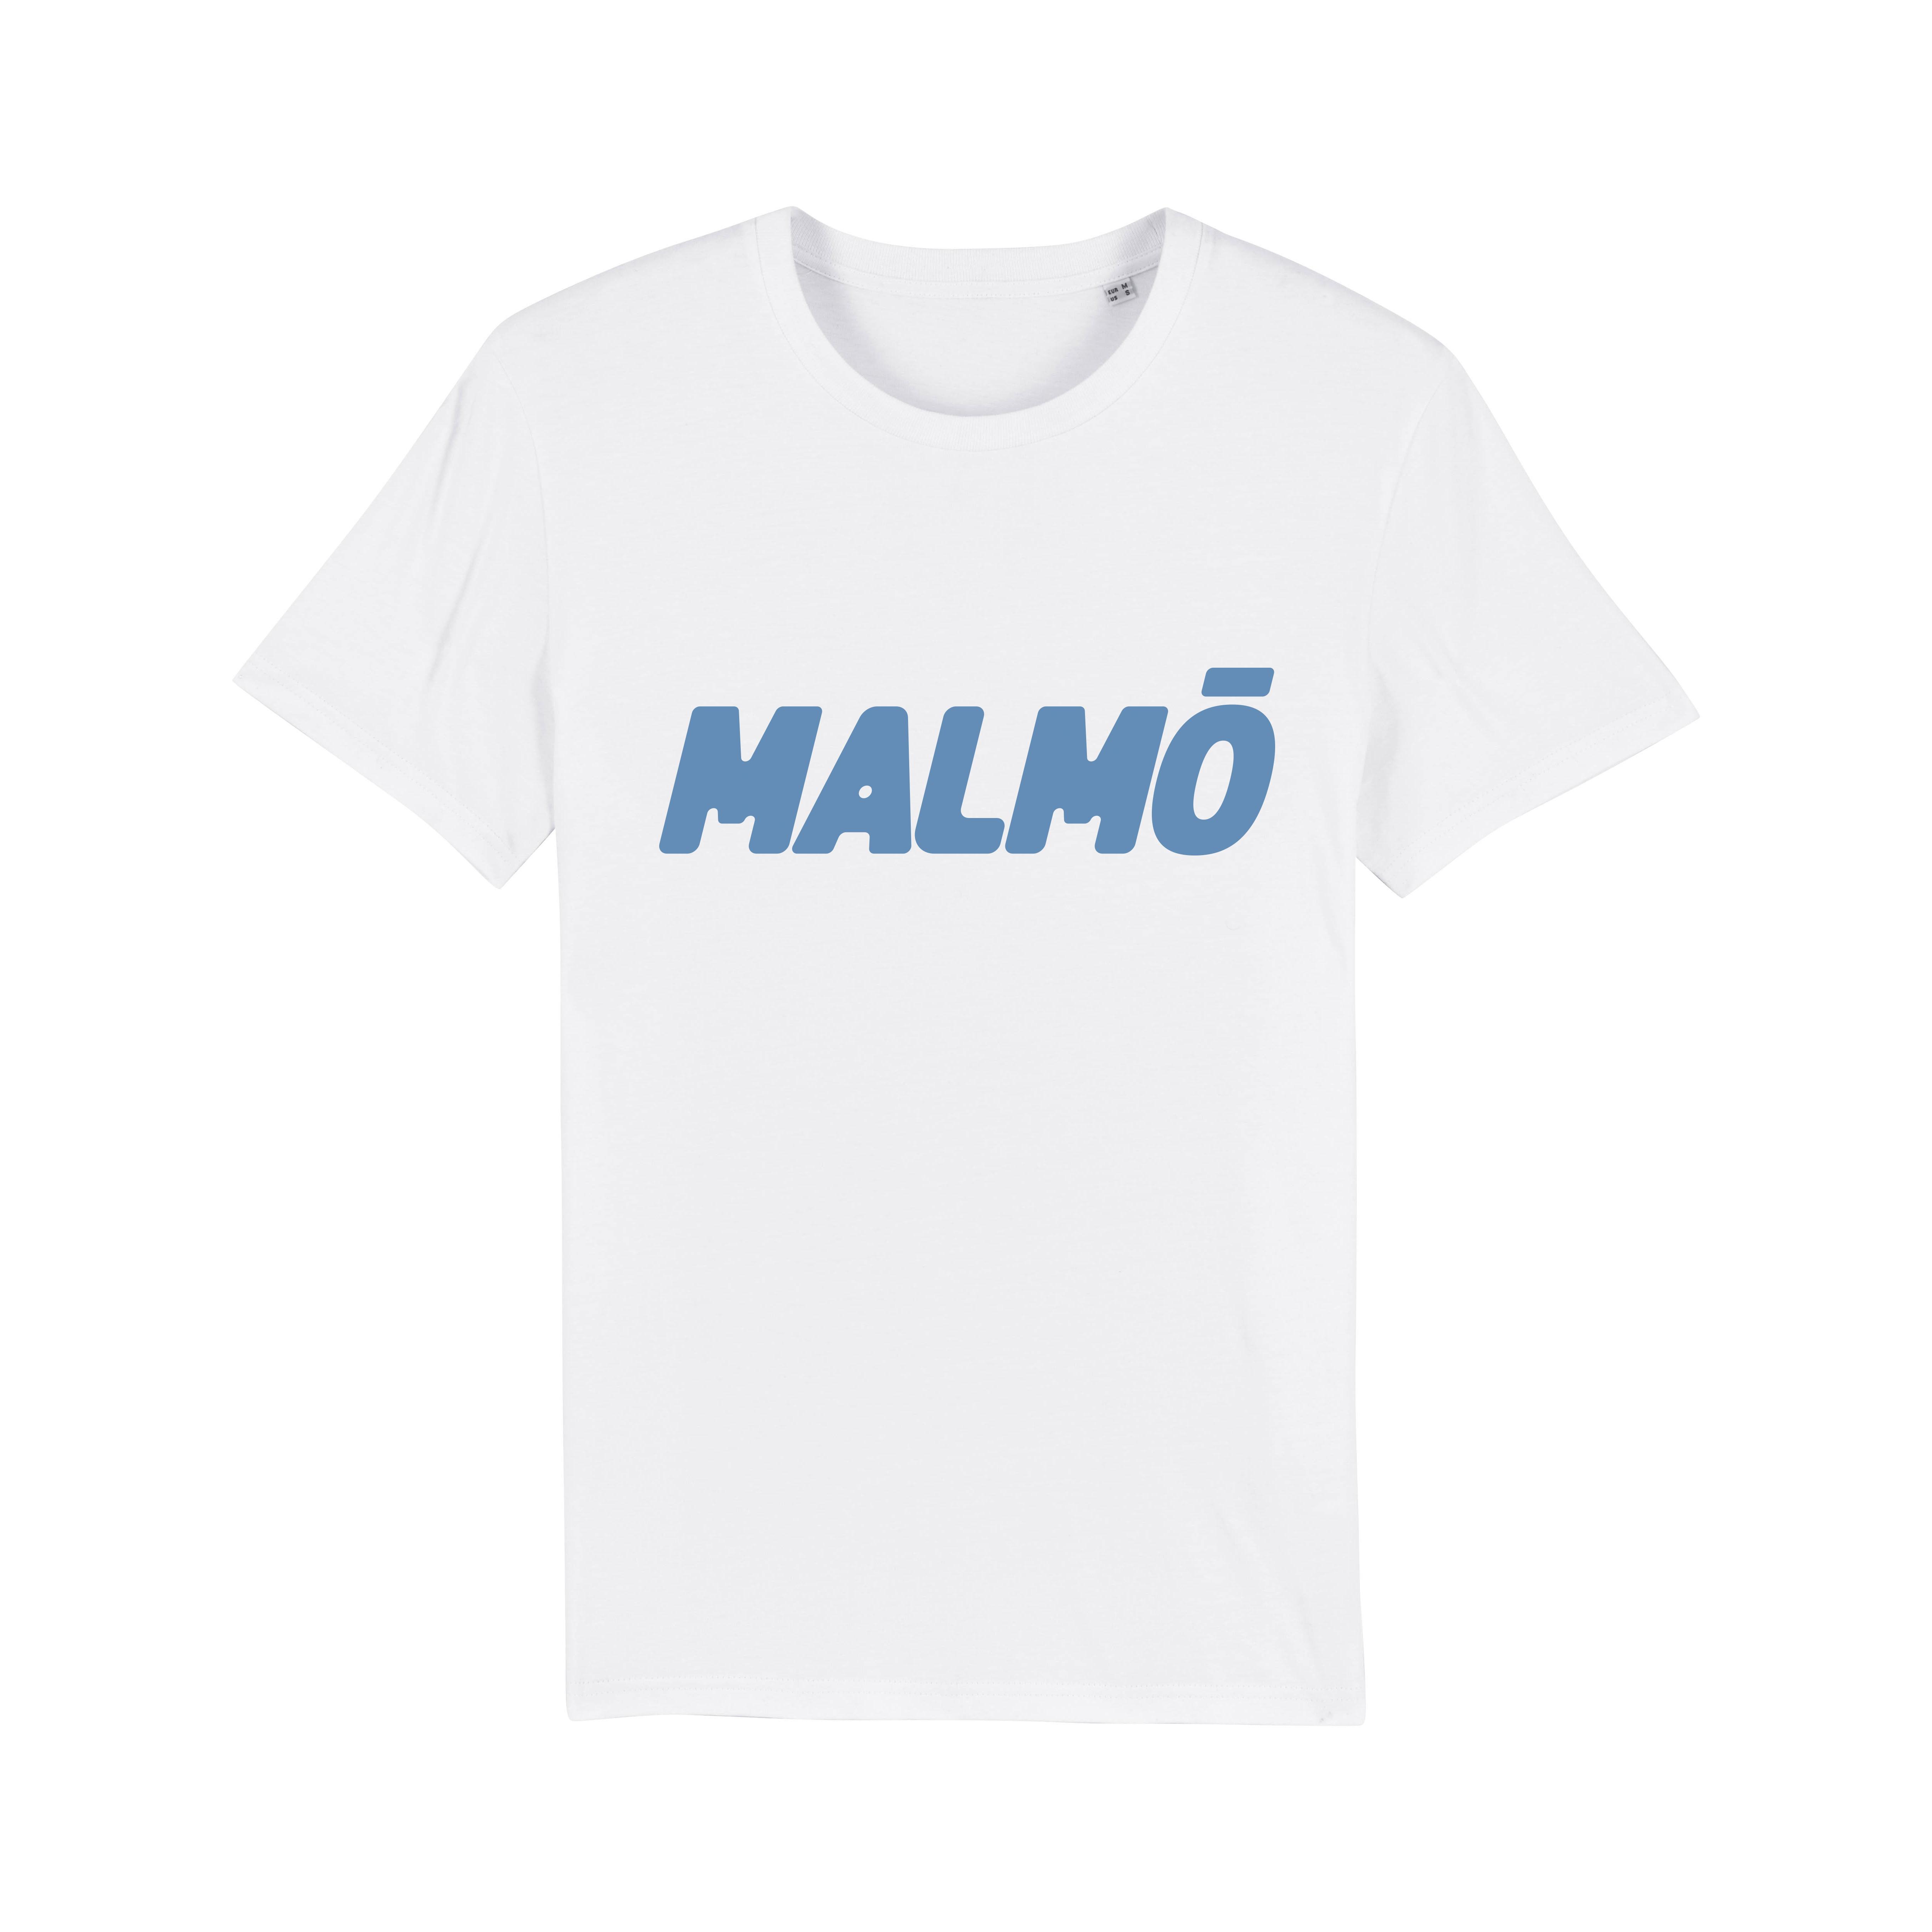 MALMÖ - T-shirt Vit